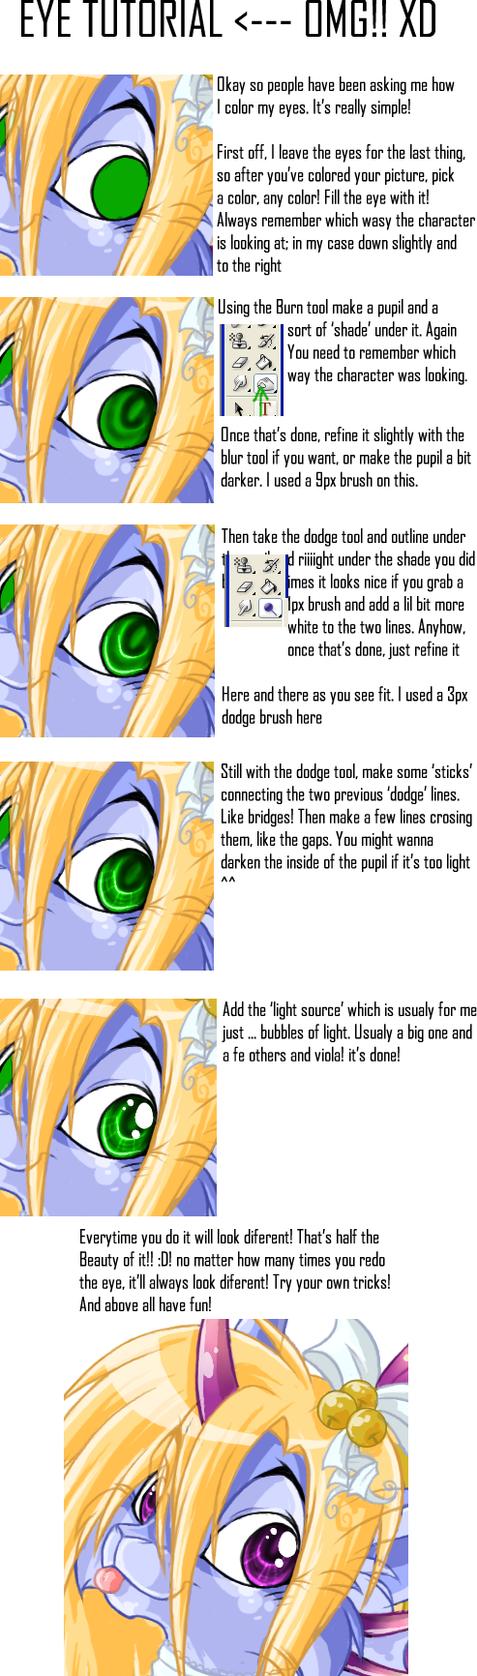 Shinny eye tutorial by Daffupanda